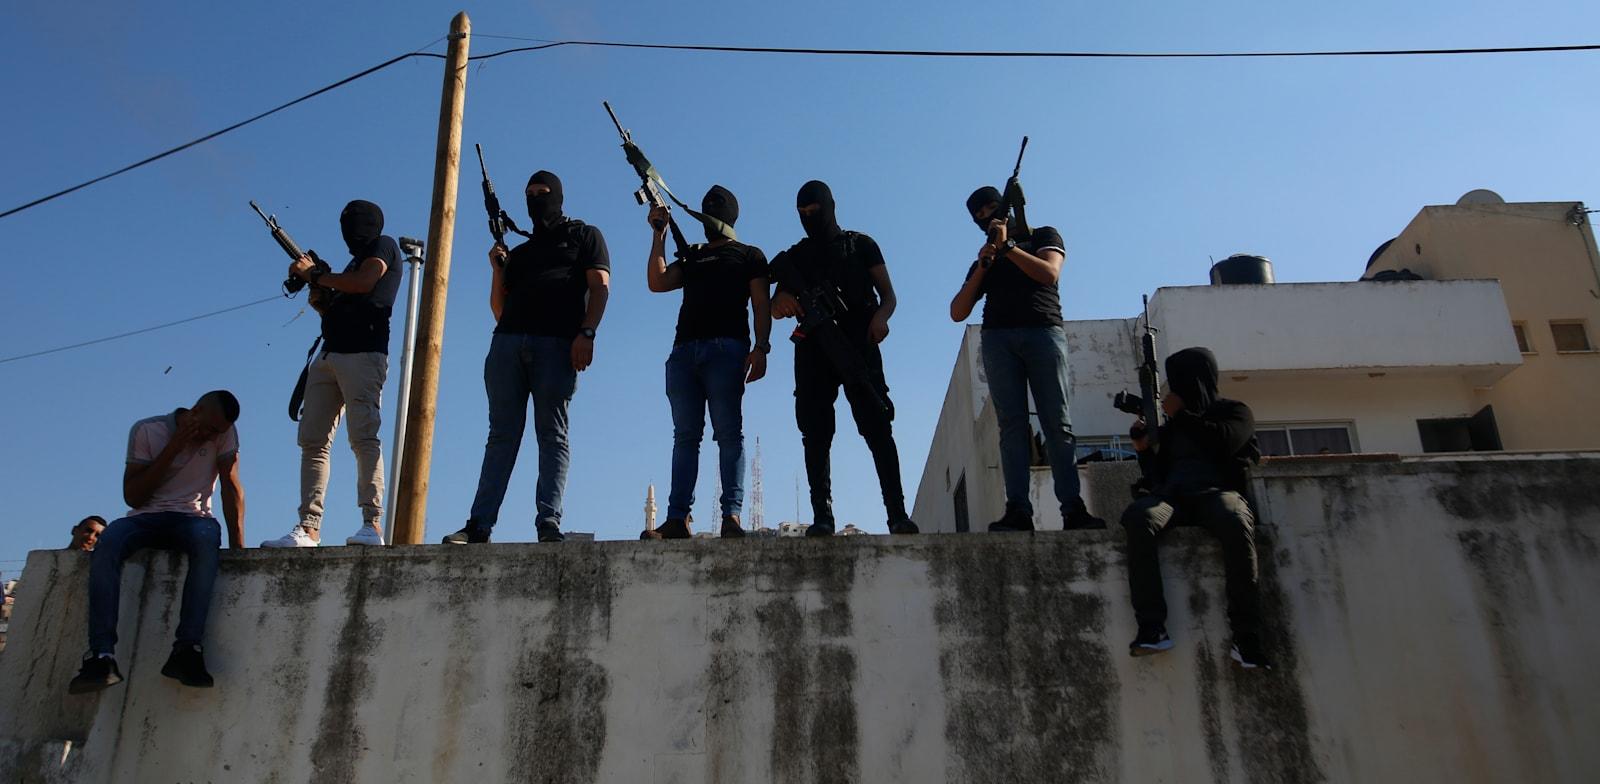 חמושים פלסטינים ברחובות ג'נין / צילום: Associated Press, Majdi Mohammed